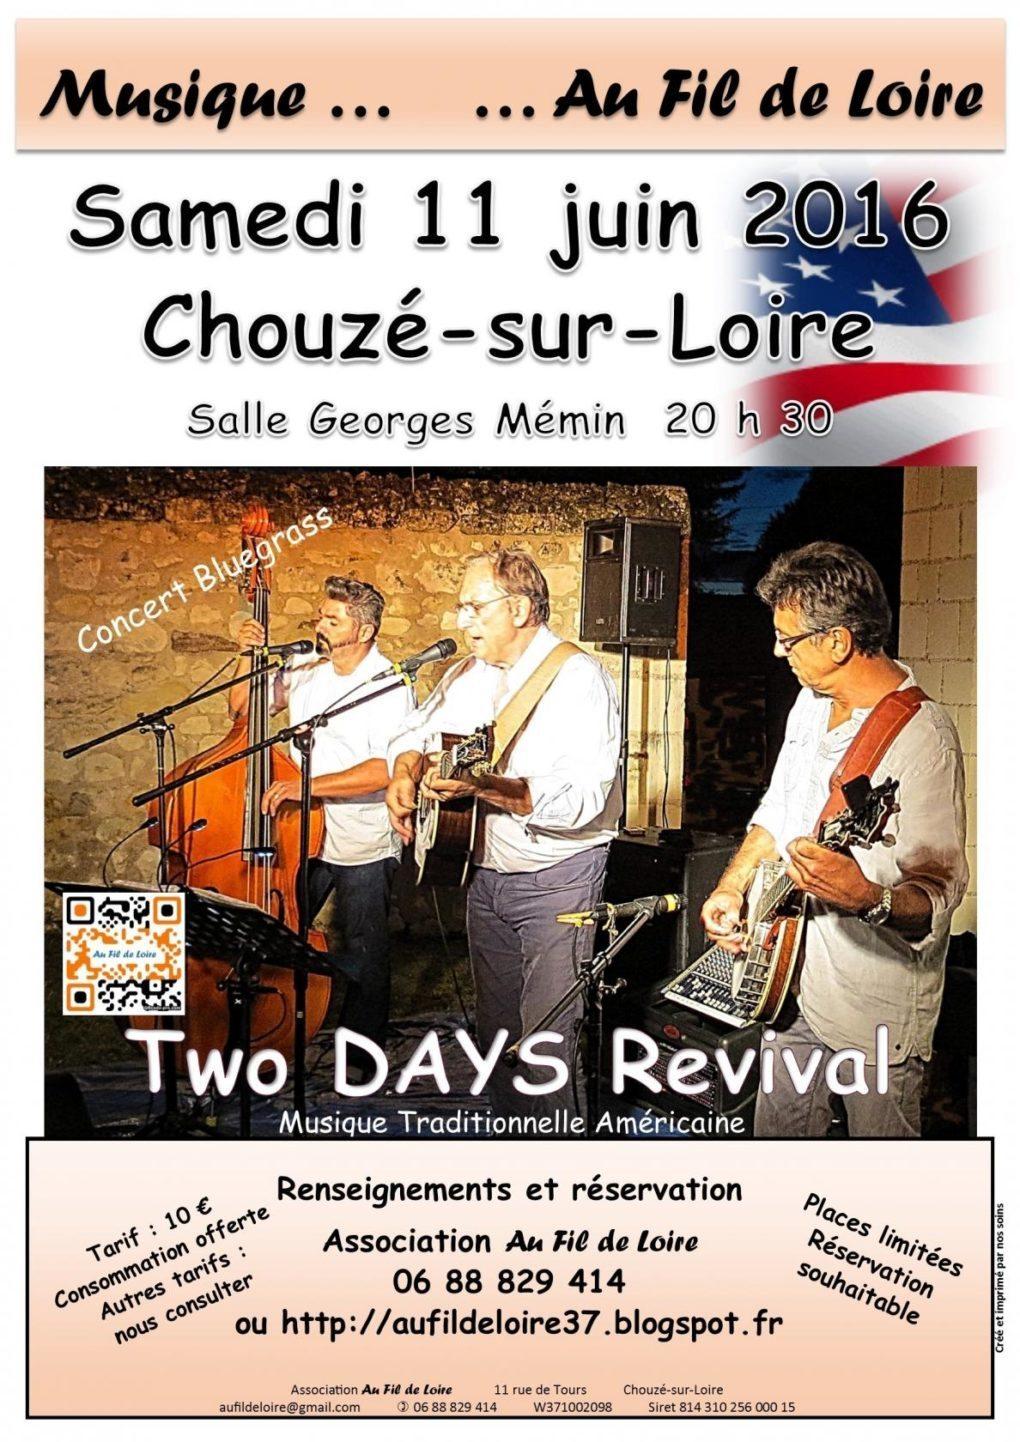 Two DAYS Revival Chouzé-sur-Loire